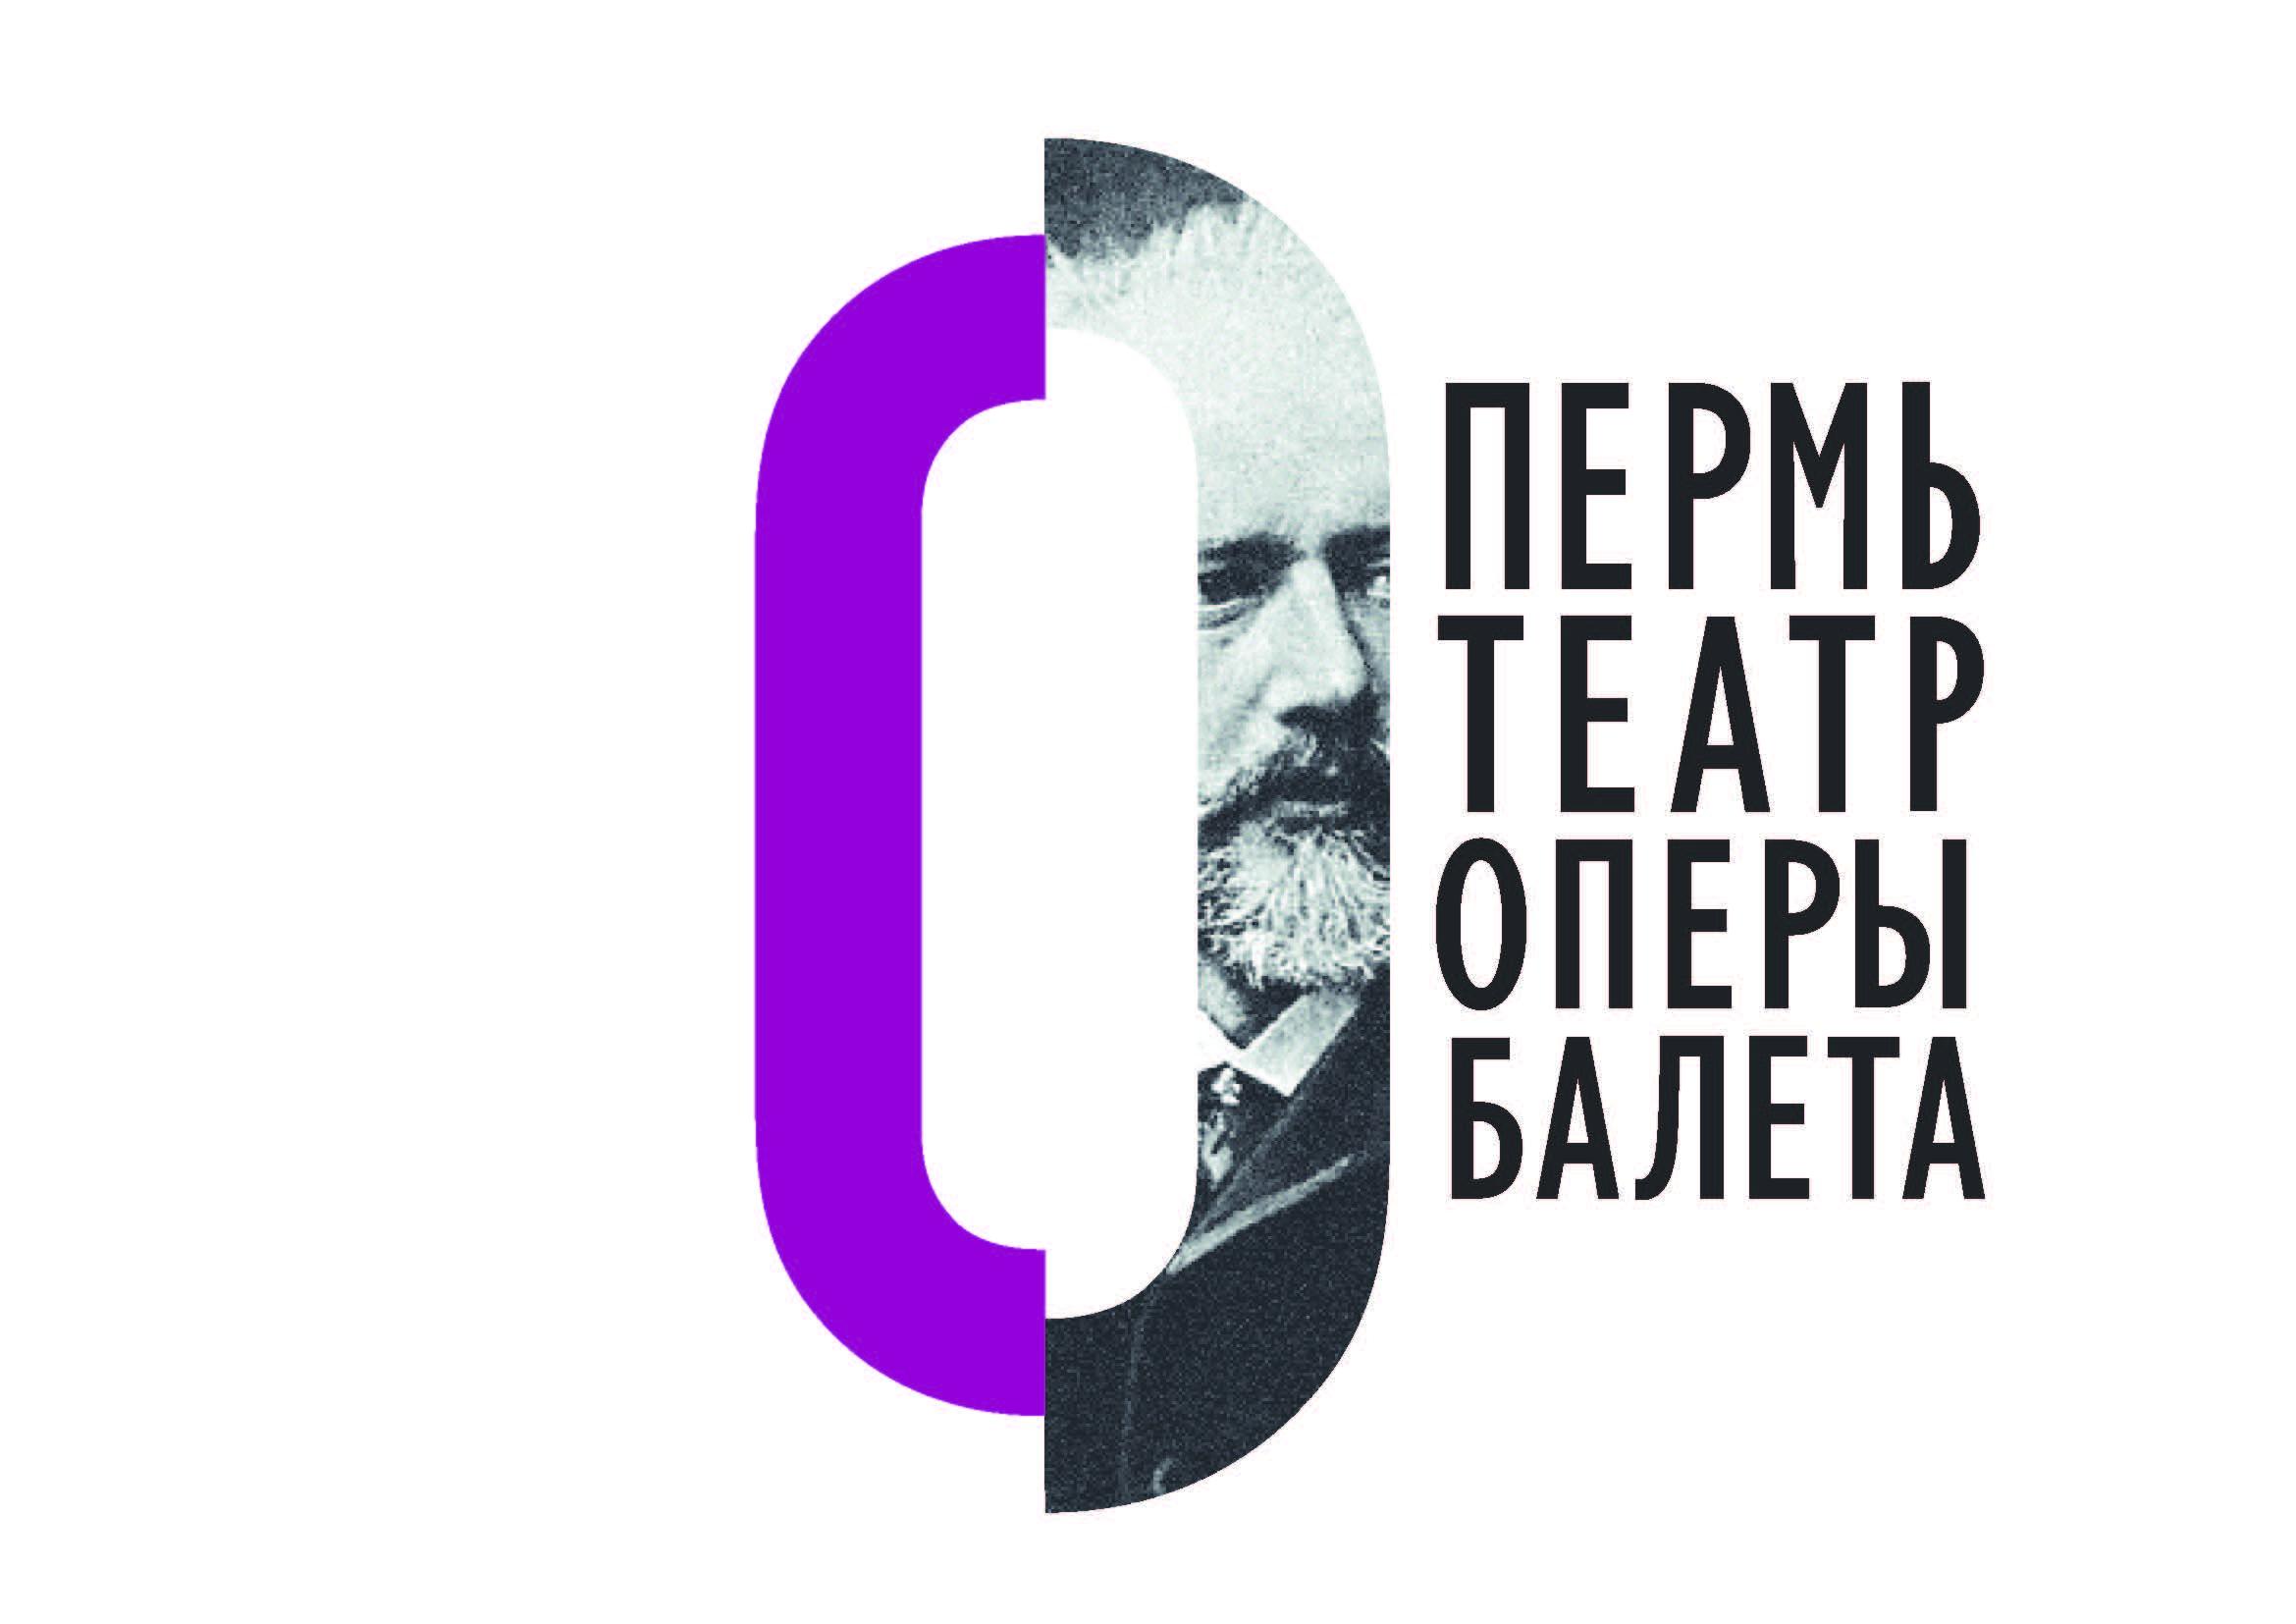 Пермский театр оперы и балета им. П.И. Чайковского